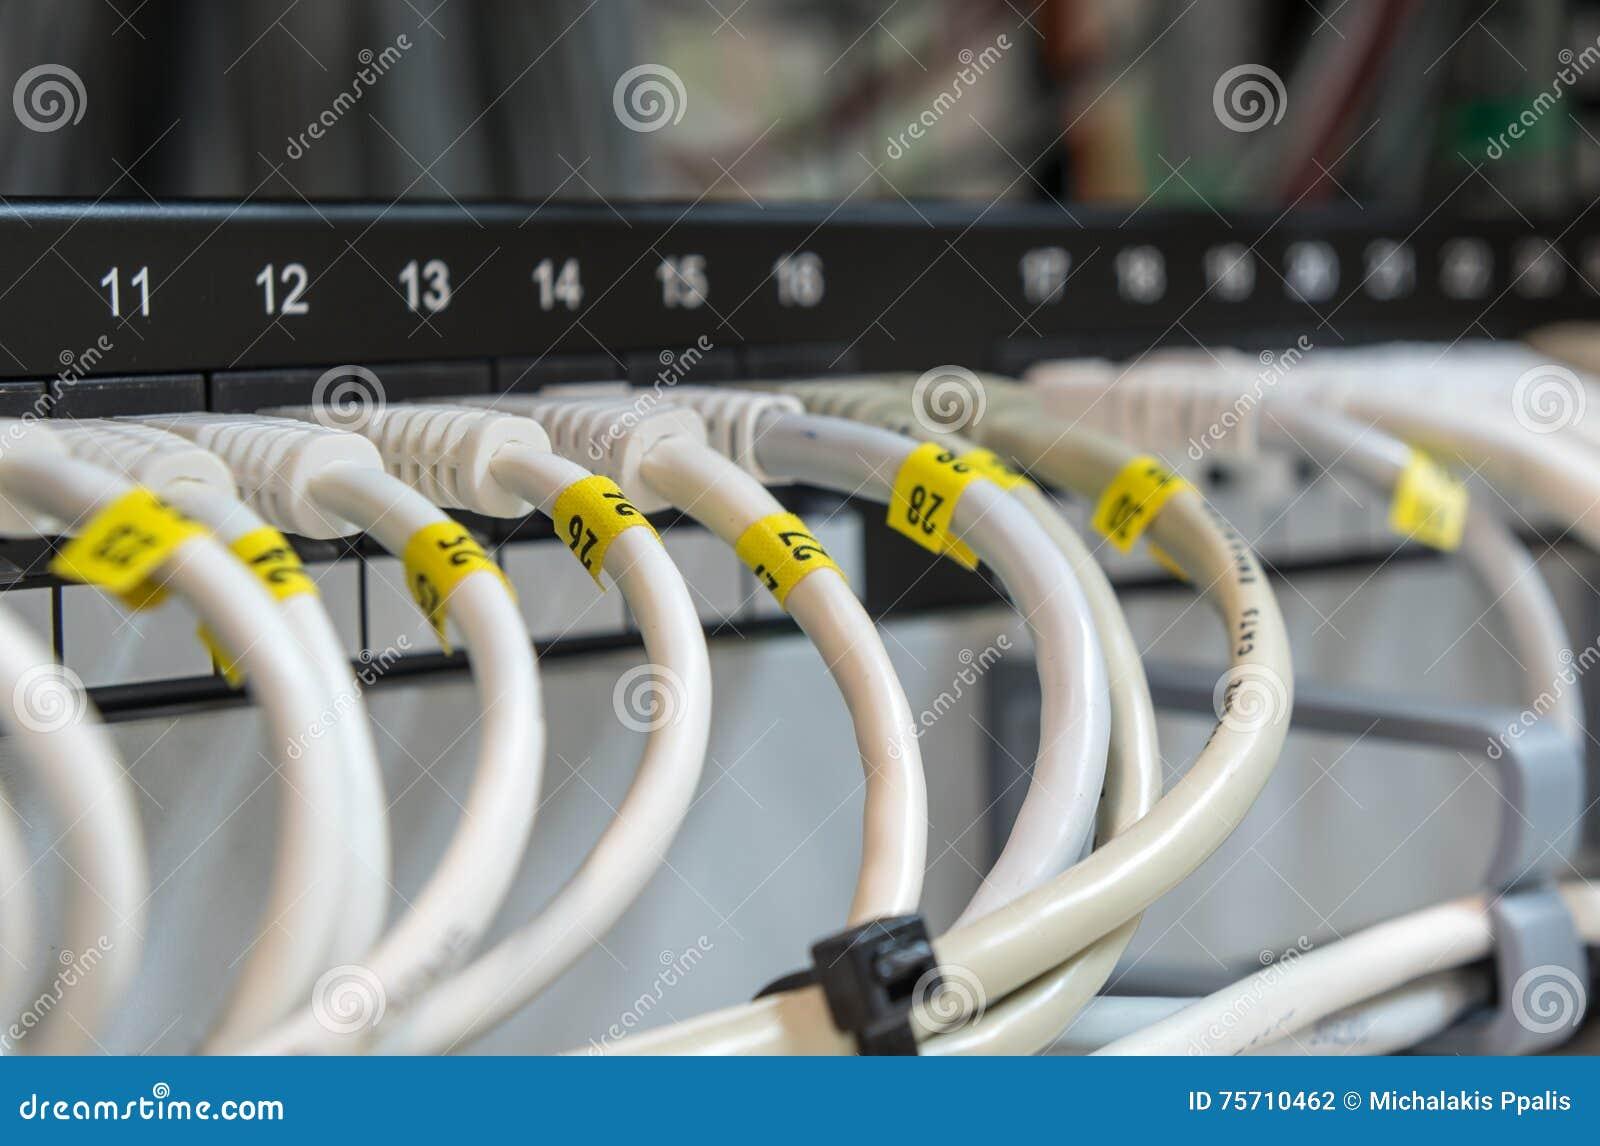 Nett Ethernet Kabel Kabelfolge Galerie - Die Besten Elektrischen ...